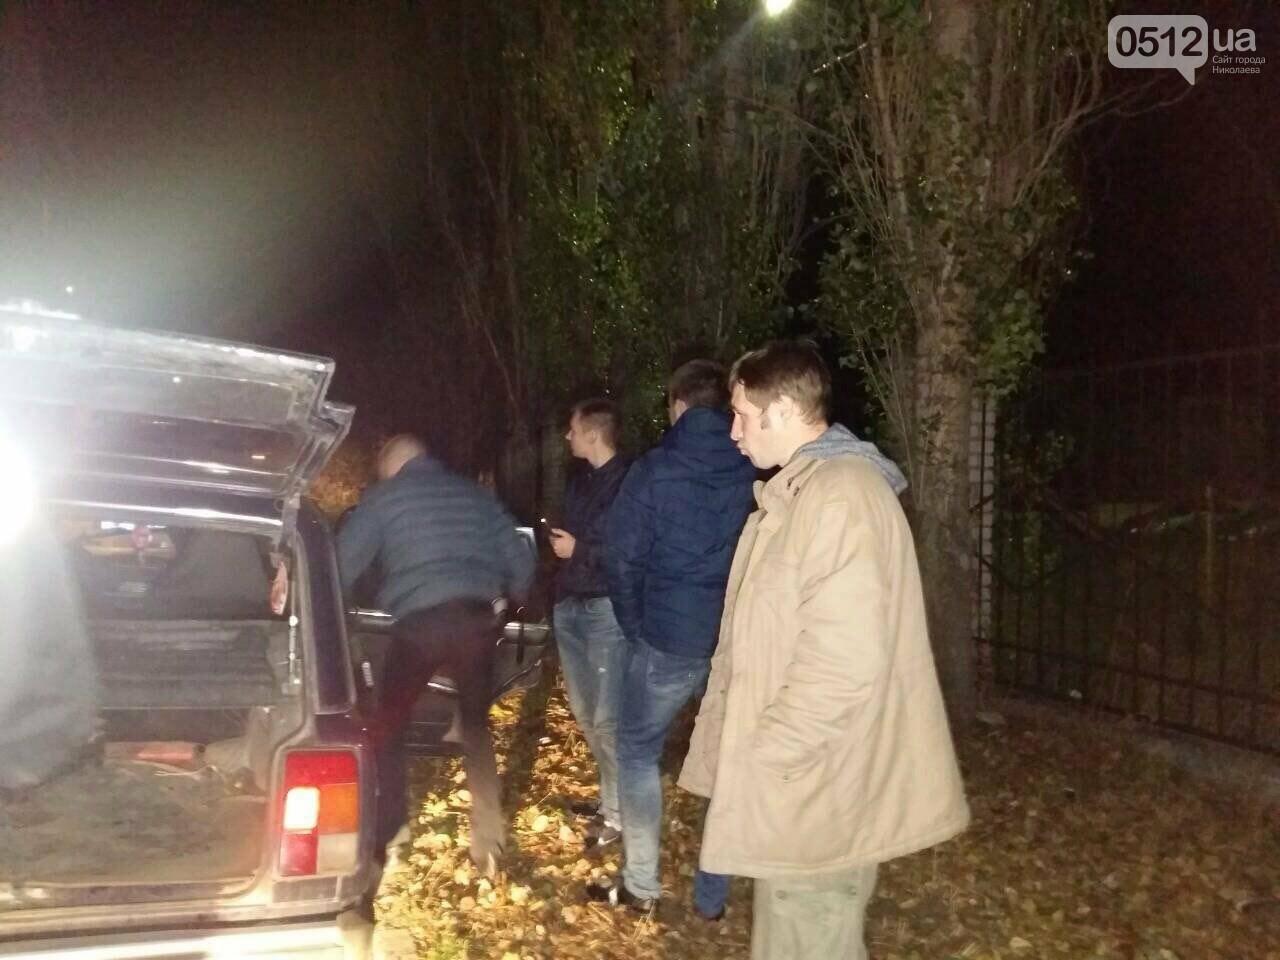 Ночью в Николаеве трое мужчин напали и ограбили снимавшего сюжет журналиста (ФОТО, ВИДЕО), фото-12